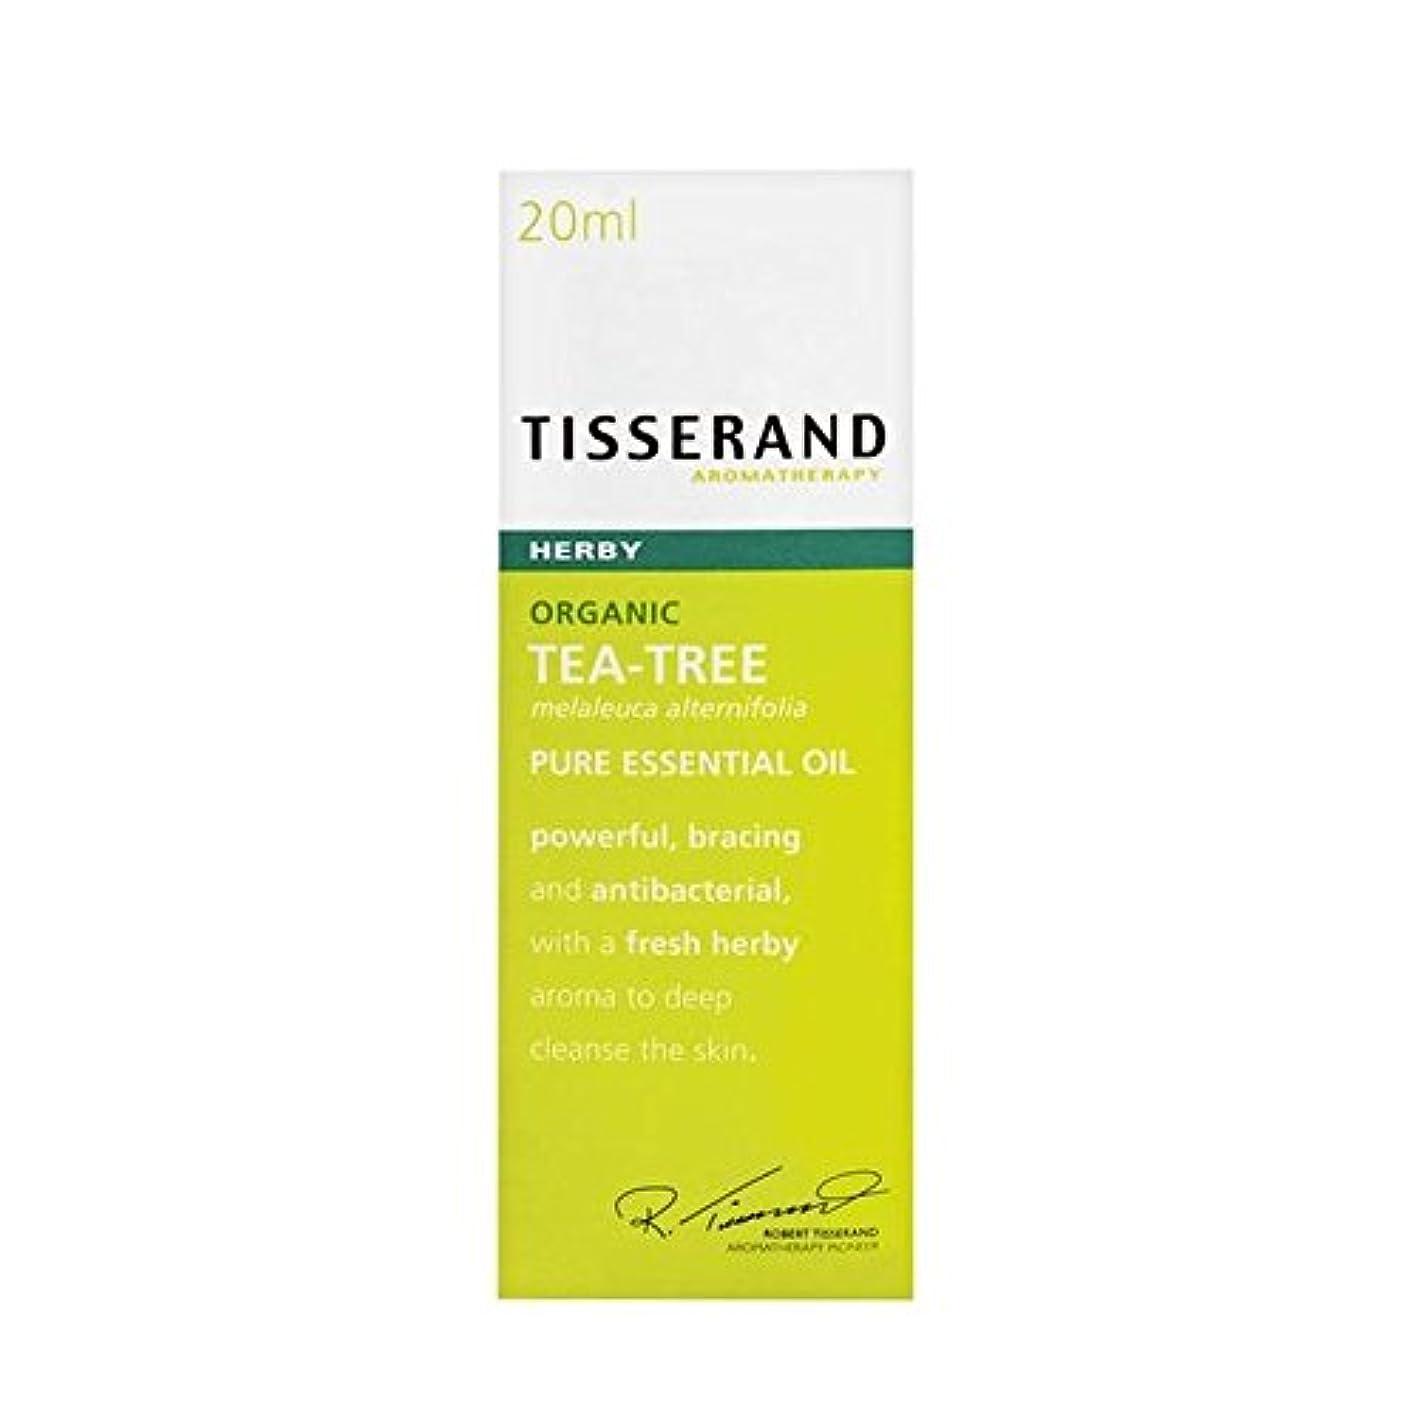 散歩に行く消費する帝国Tisserand Tea Tree Organic Pure Essential Oil 20ml - ティスランドティーツリーオーガニックピュアエッセンシャルオイル20ミリリットル [並行輸入品]